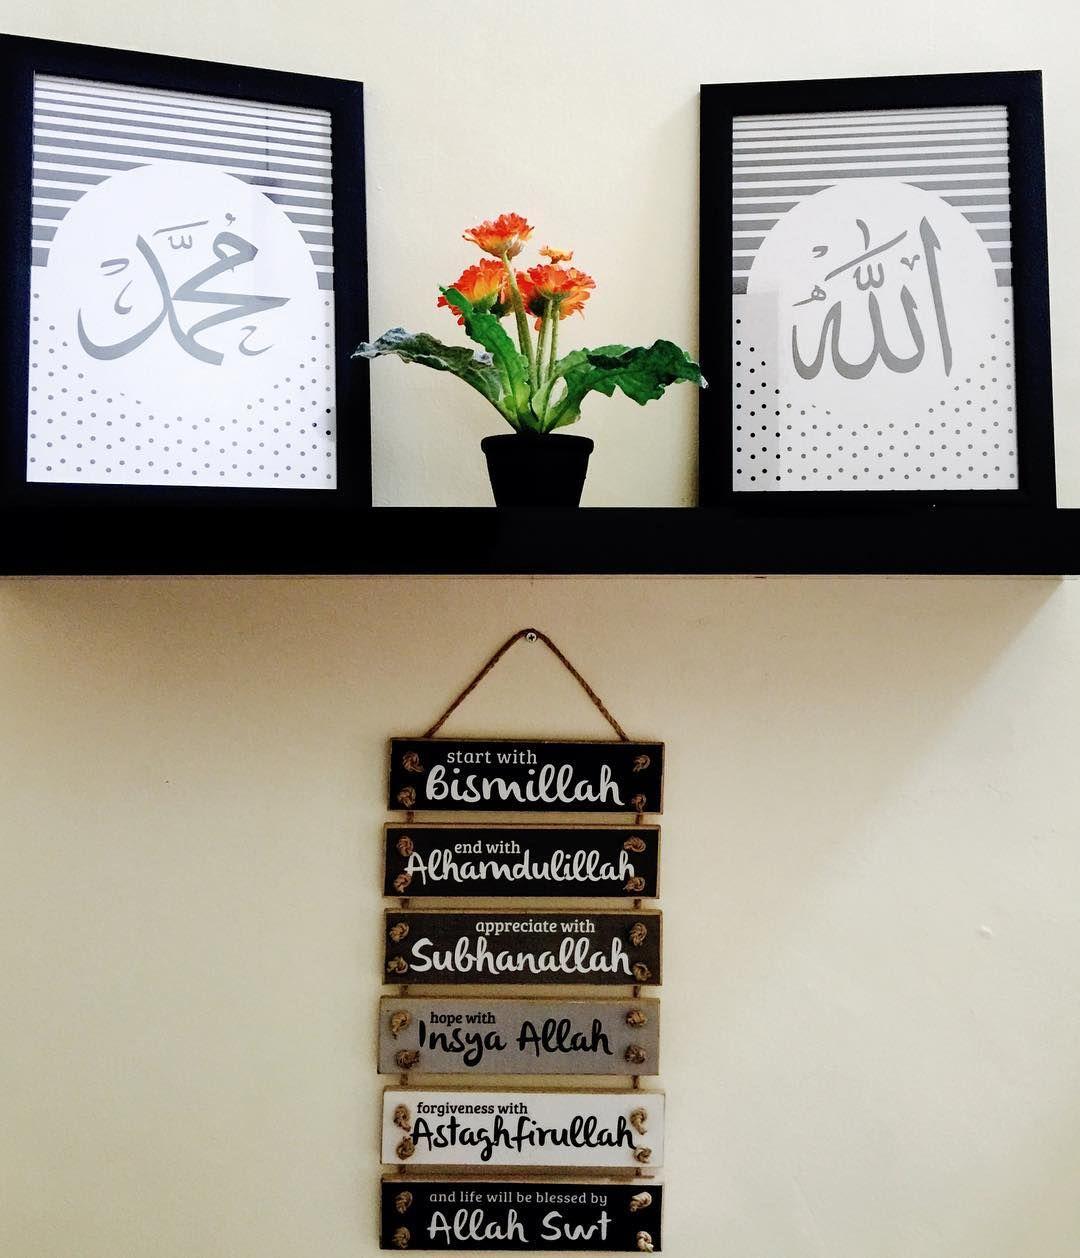 Hiasan Dinding Ruang Tamu Bertema Islami Dengan Ruang